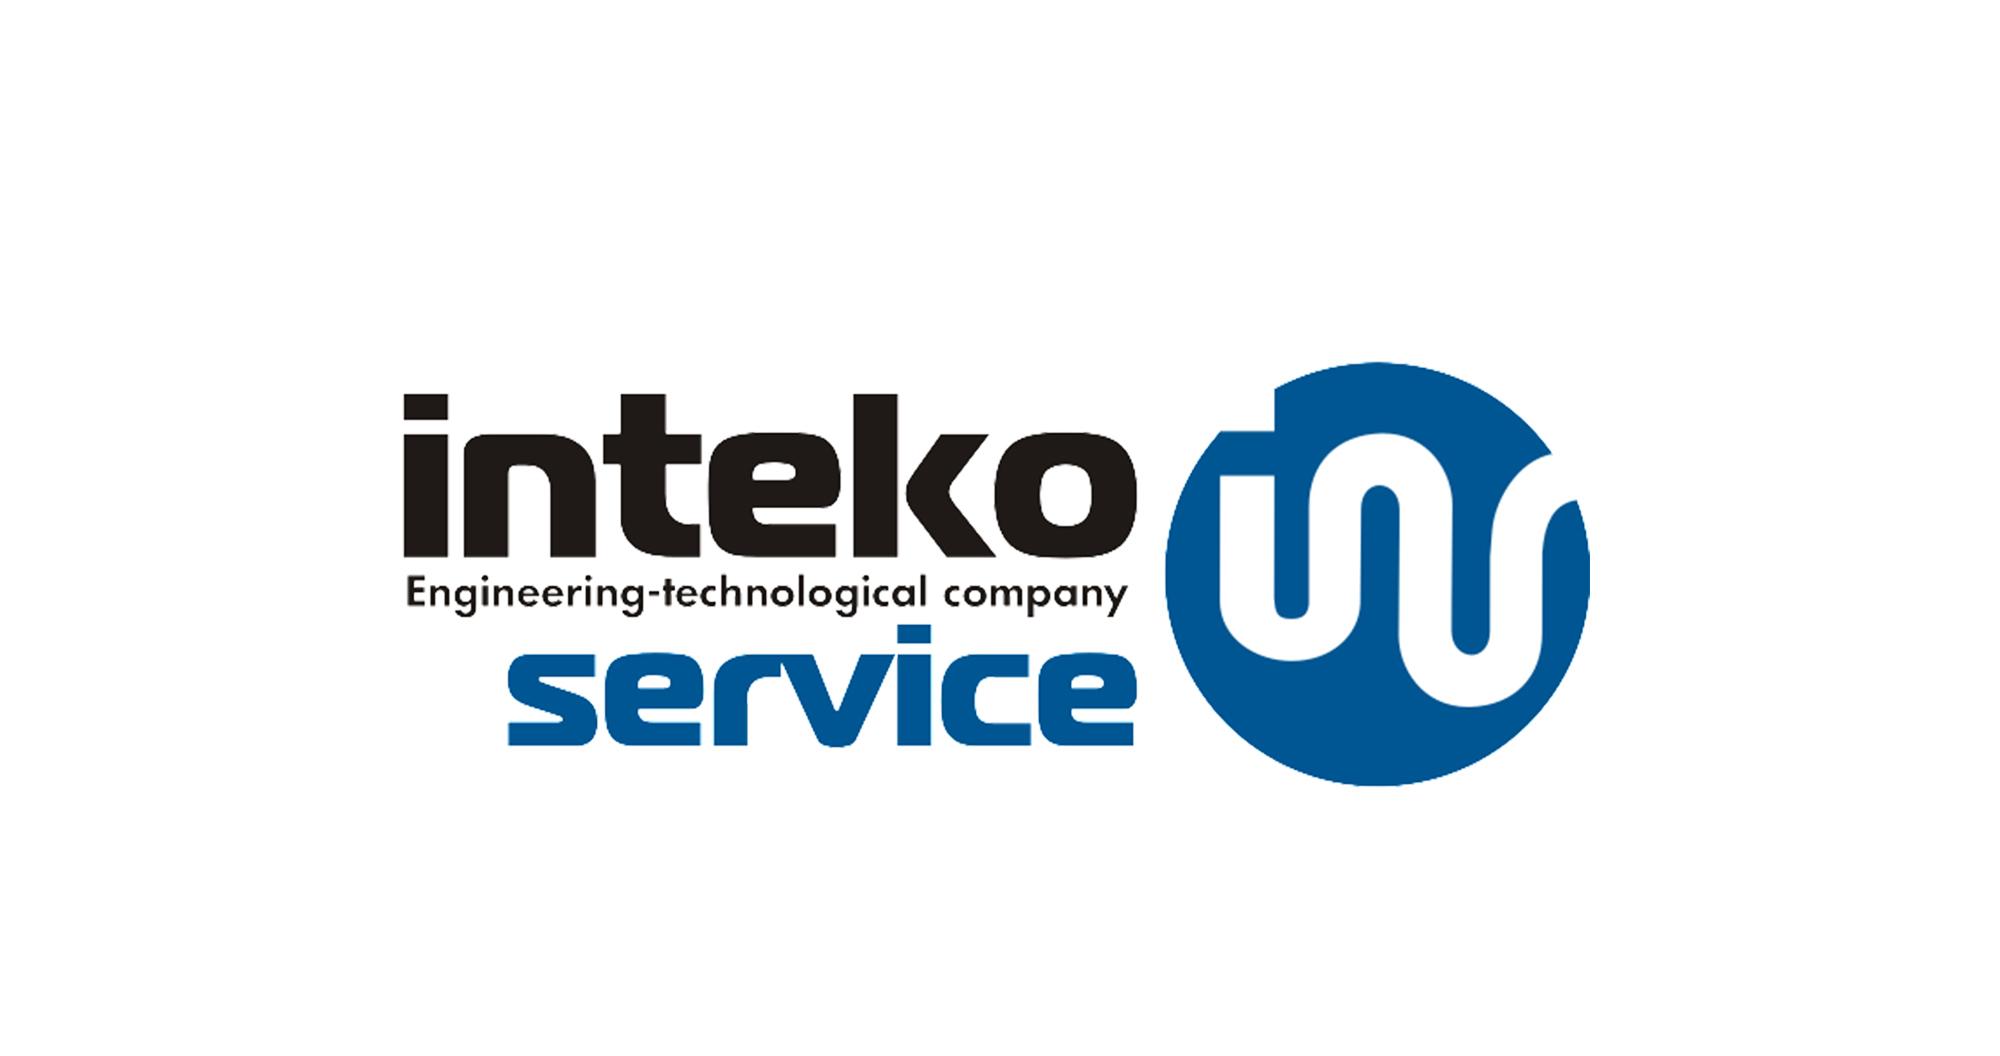 http://www.tatum-design.com/wp-content/uploads/2015/02/inteko-logo-copy.jpg